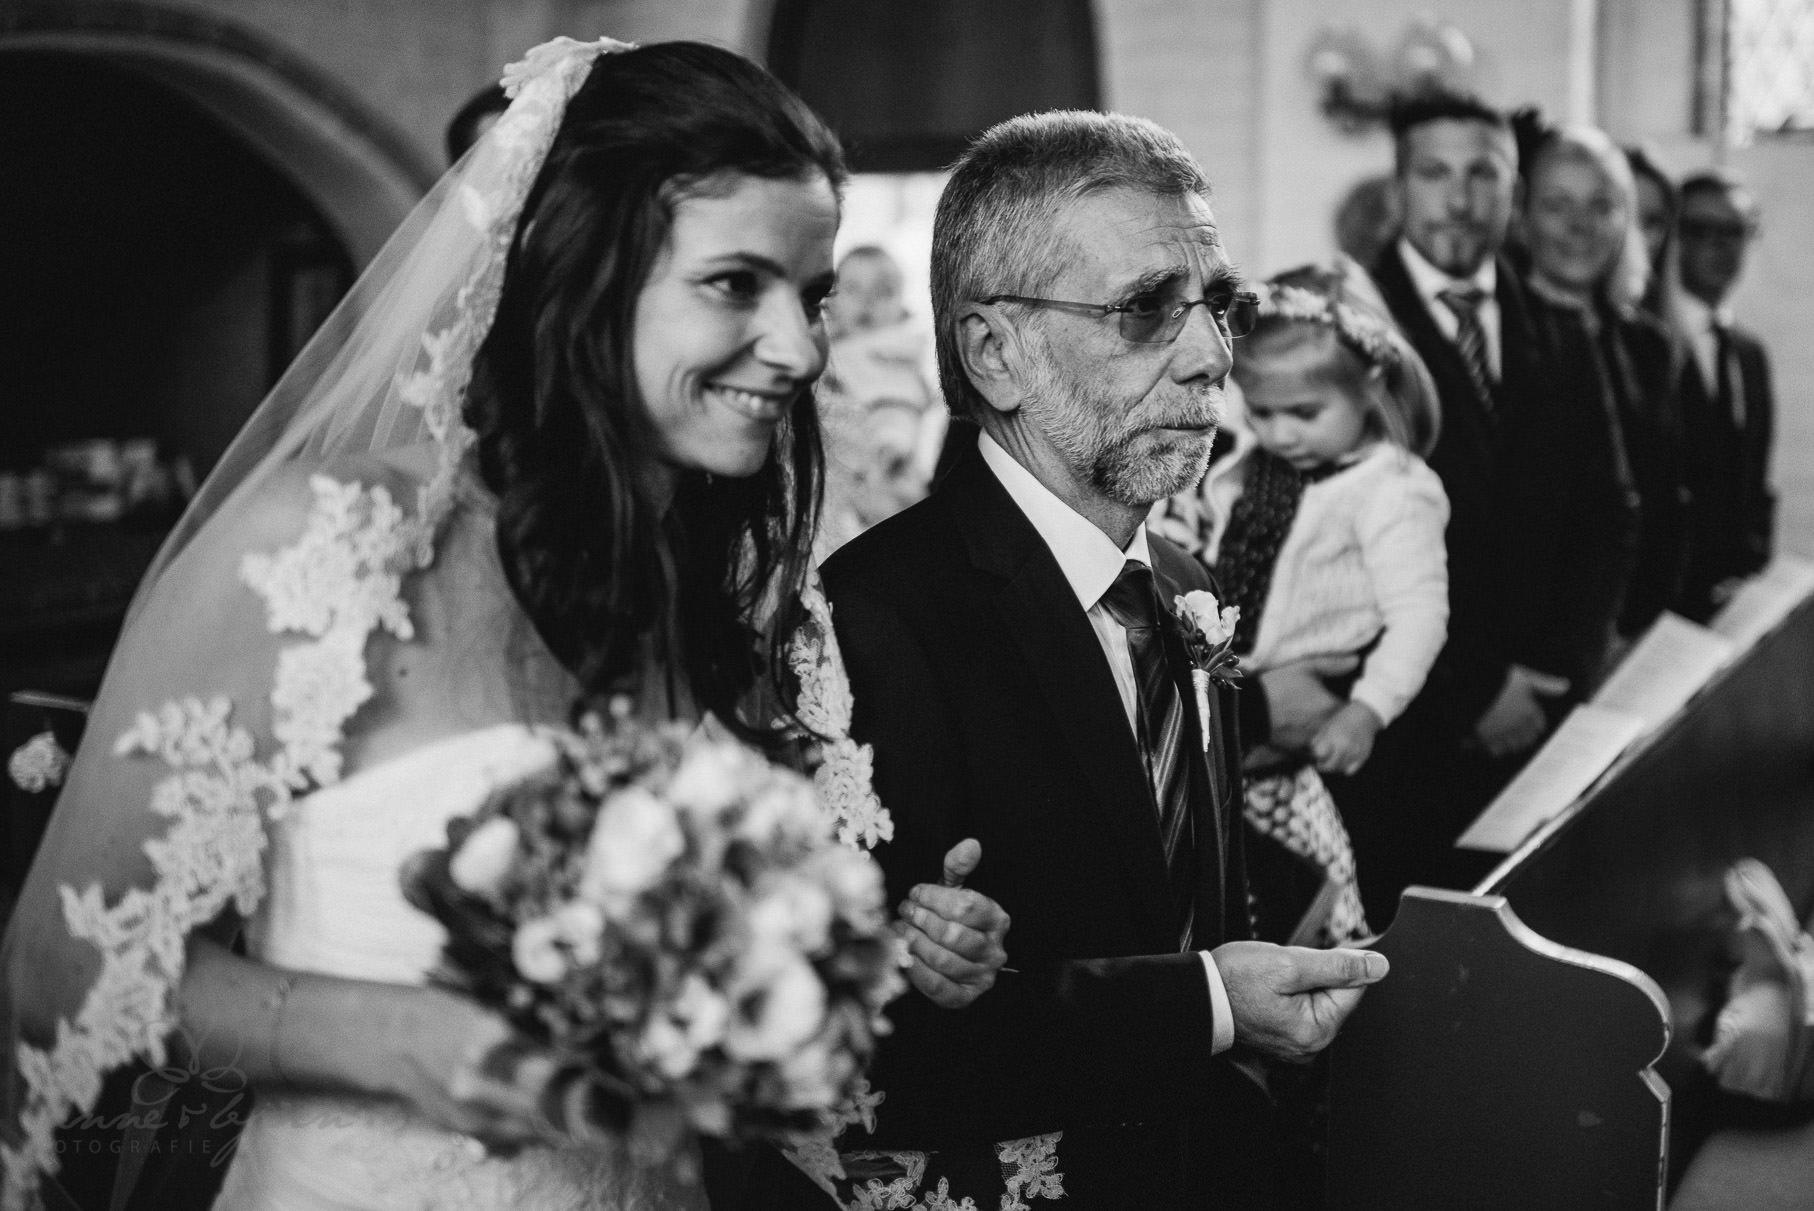 0046 aub 812 9397 - Hochzeit auf Gut Thansen - Anja & Björn